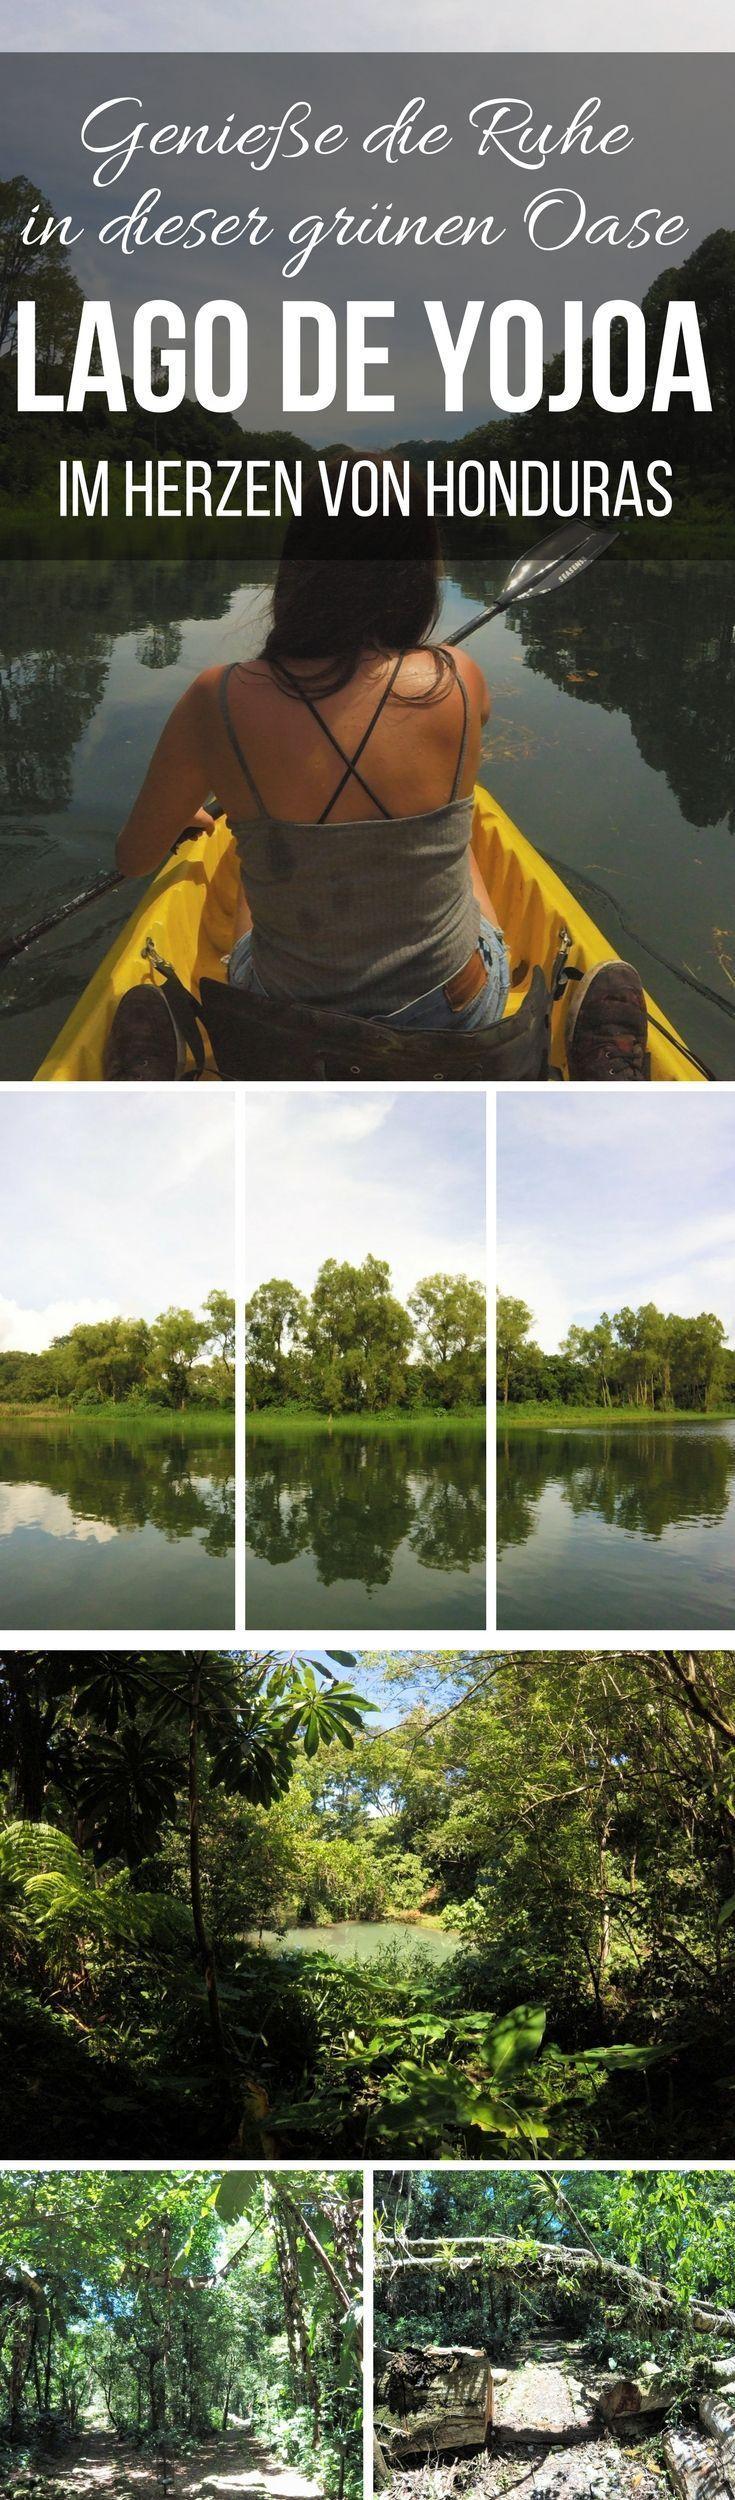 Lago De Yojoa Beeindruckende Landschaft Im Herzen Von Honduras Reisen Zentralamerika Reisen Nordamerika Reisen